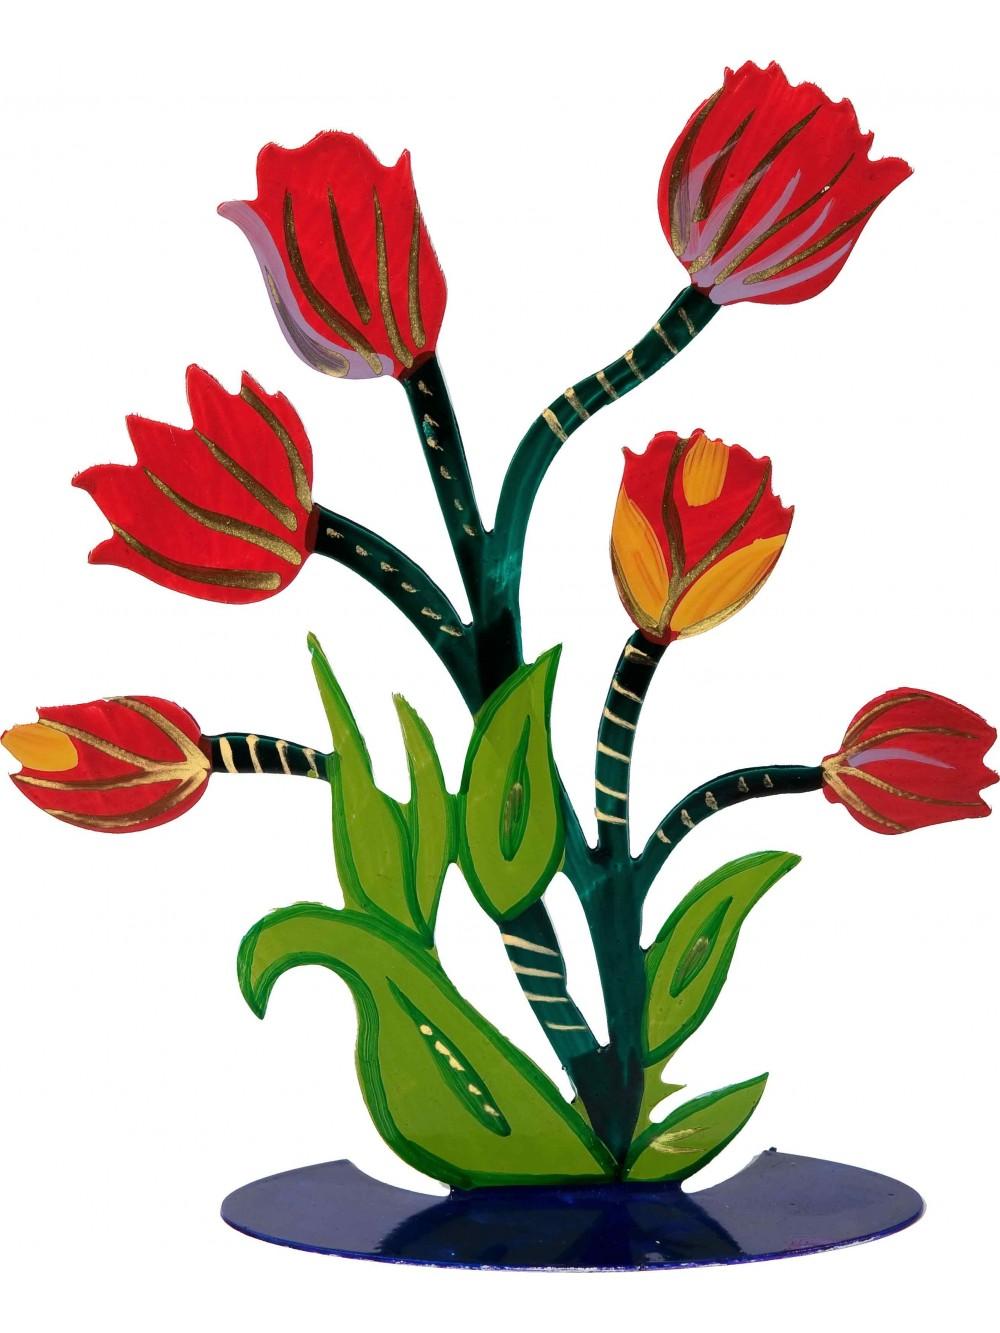 Fleur Tailler Au Laser Peint A La Main Tulipe Boutique Judaica D